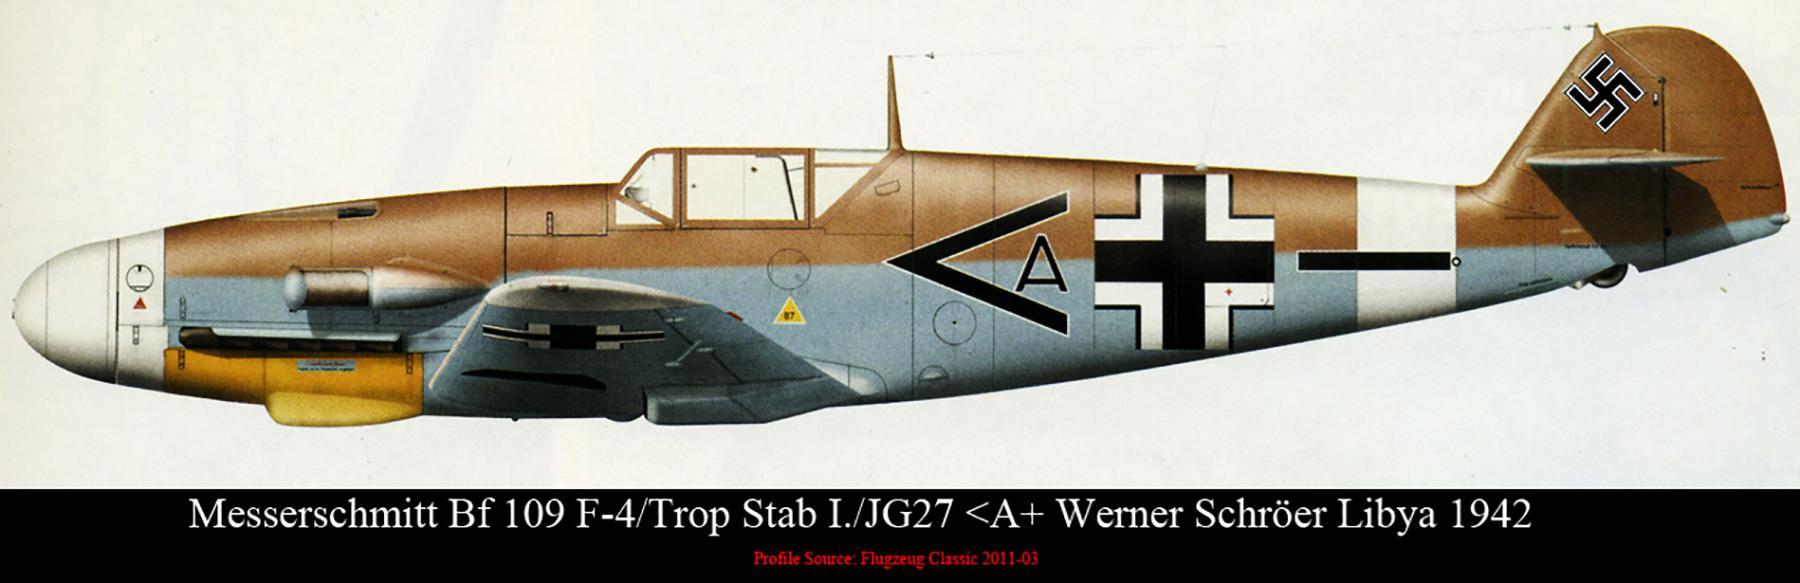 Messerschmitt Bf 109F4Trop Stab I.JG27 Werner Schroer Libya 1942 0B